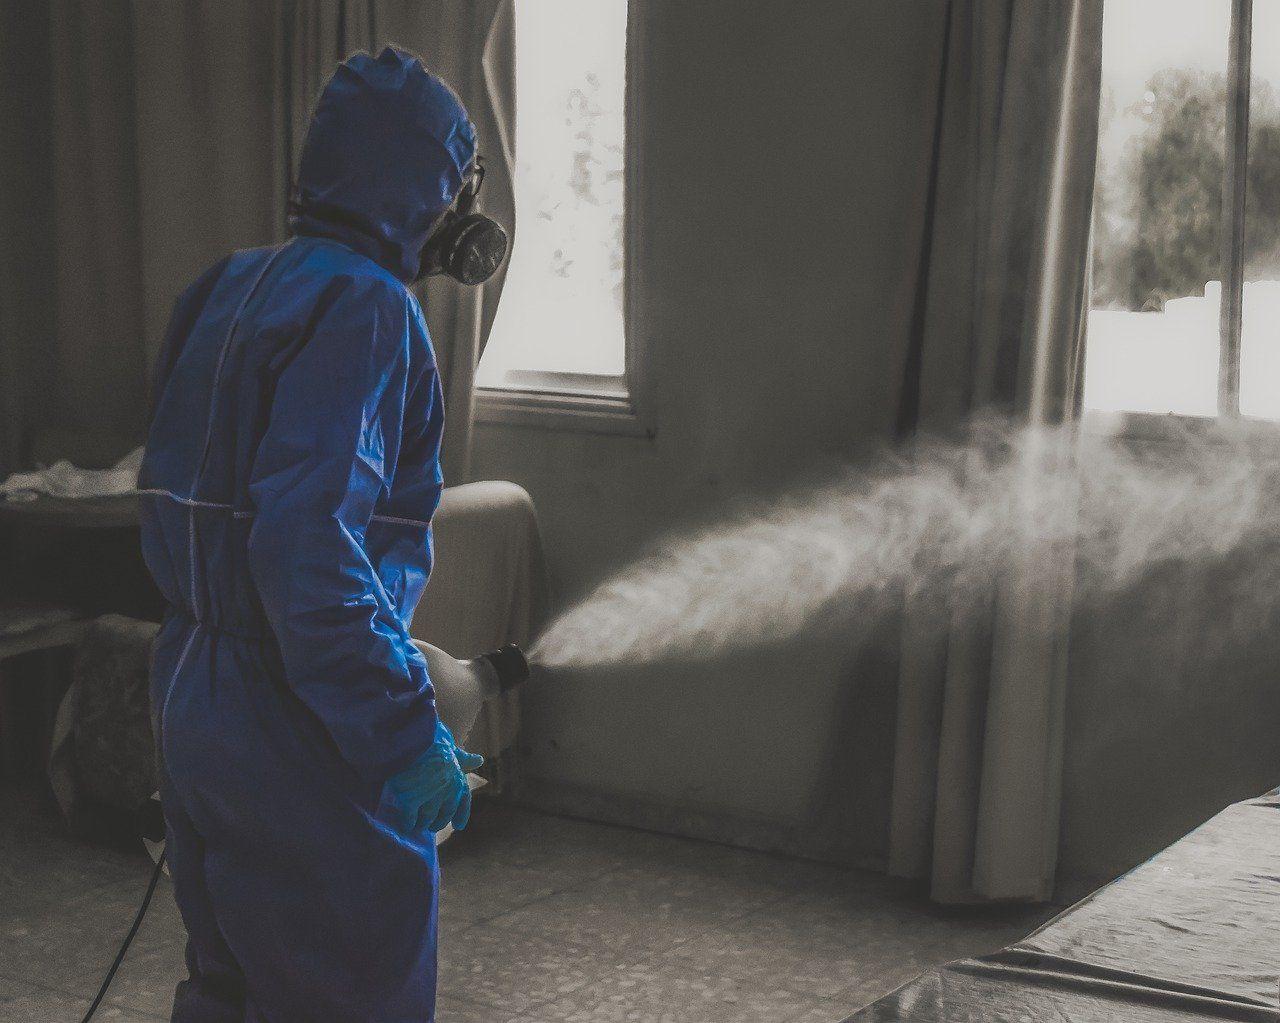 La desinfección con ozono: un sistema seguro, sostenible y económico, según Limpieza Pulido